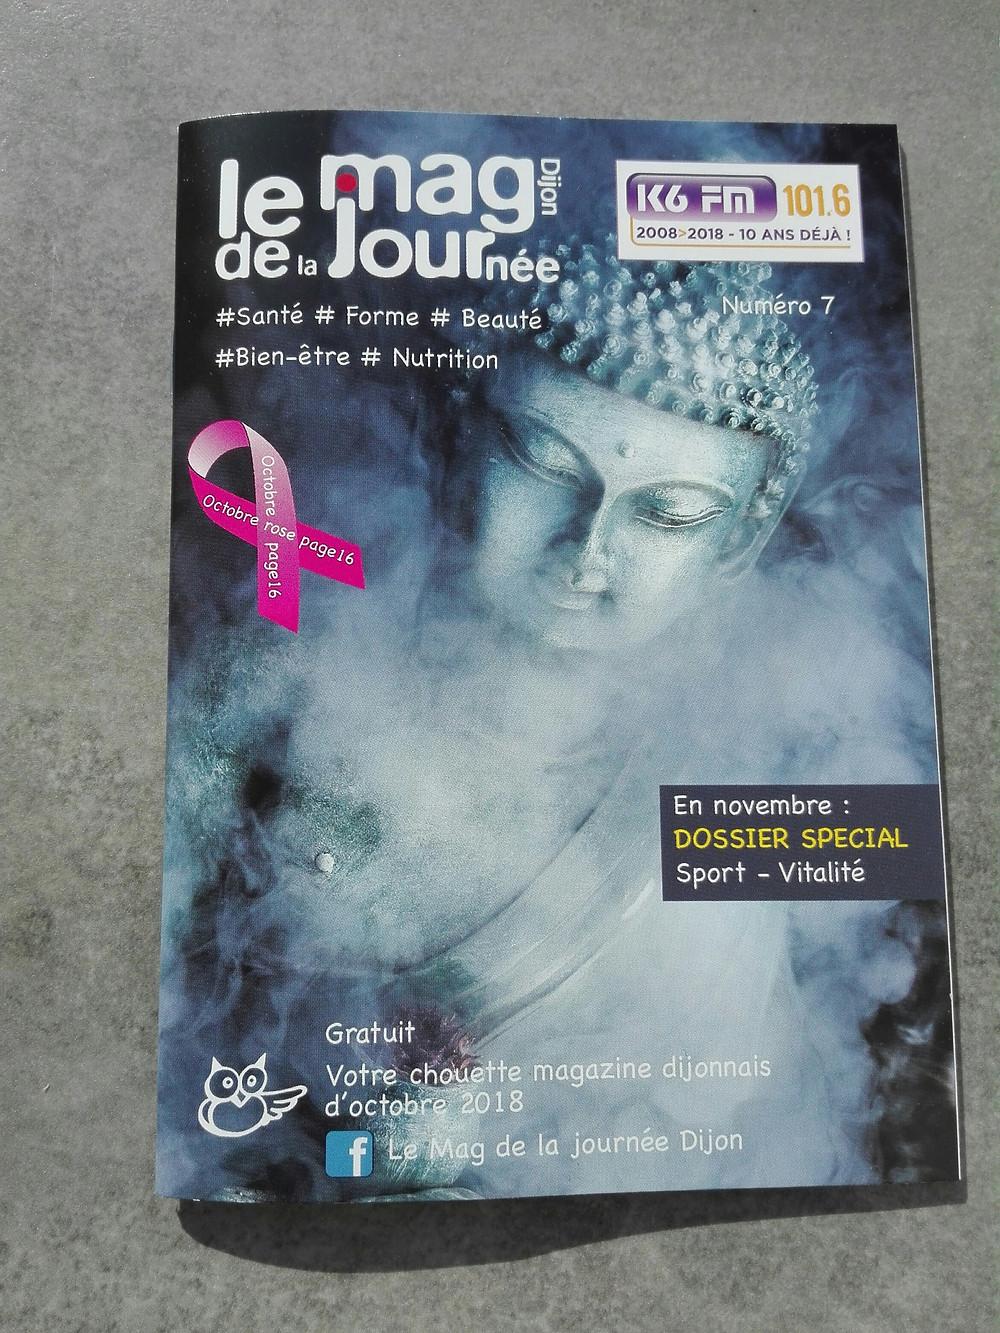 Ce mois-ci, le nouveau magazine LeMag de la Journée Dijon met l'Iridologie a l'honneur. Vous trouverez en pages 14 et 15, un très bel article sur cette pratique peu connue et qui mérite que l'on s'y attarde.